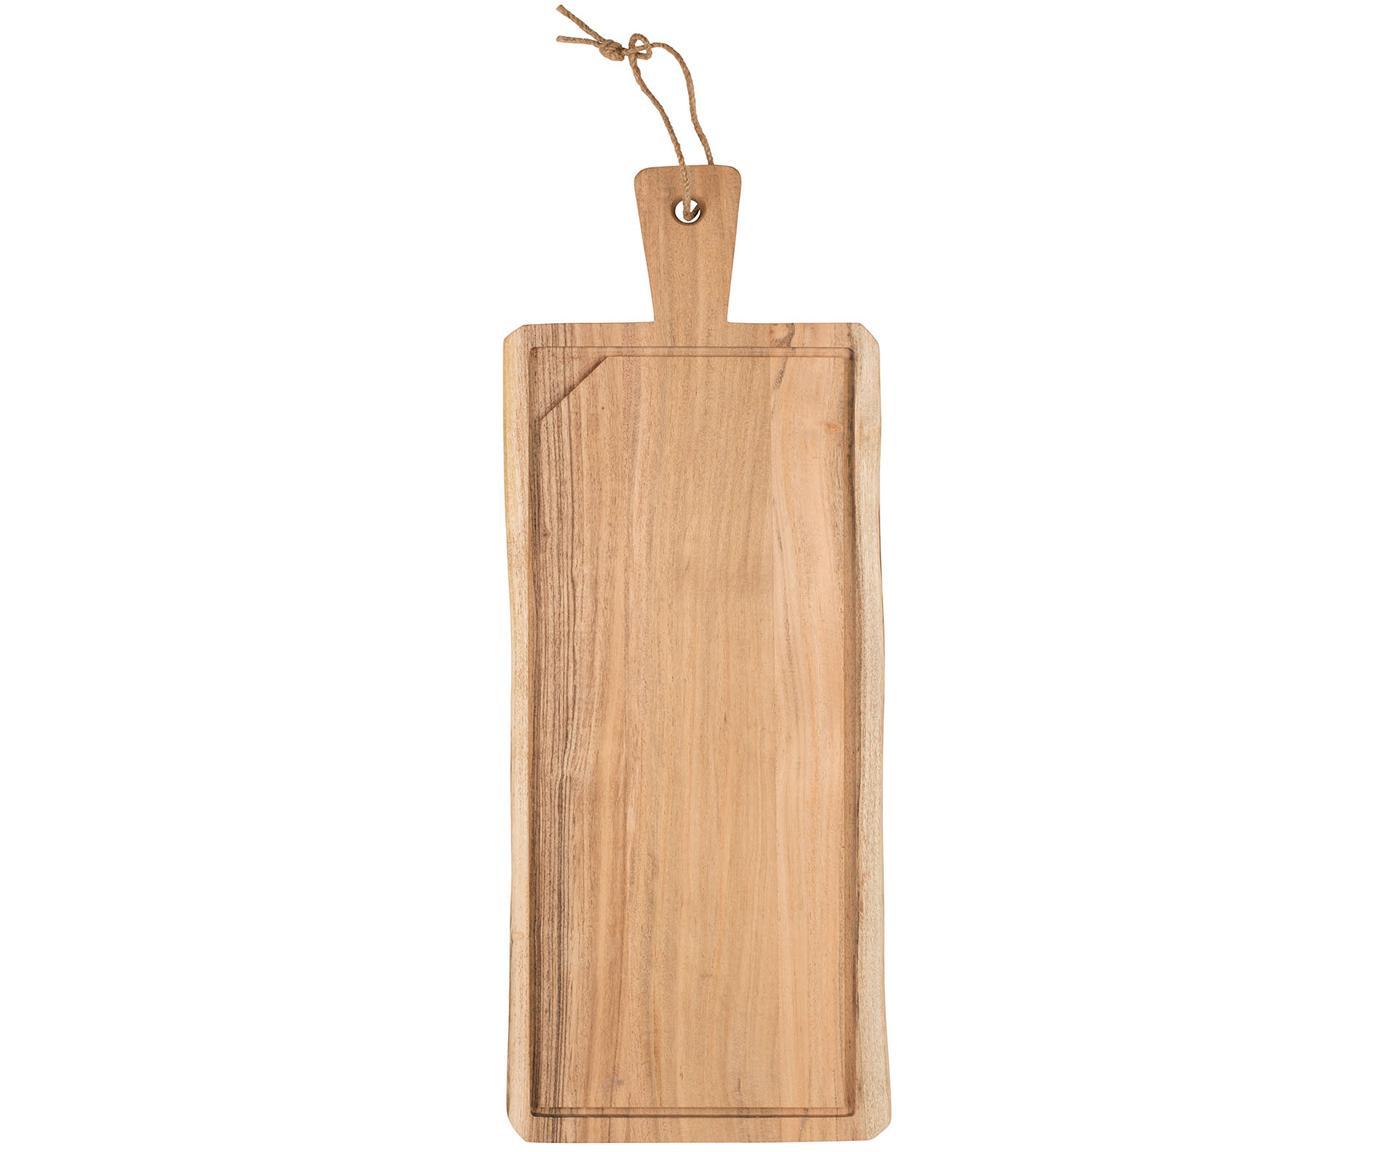 Tagliere in legno di acacia Albert, Legno di acacia, Legno di acacia, Larg. 60 x Prof. 23 cm